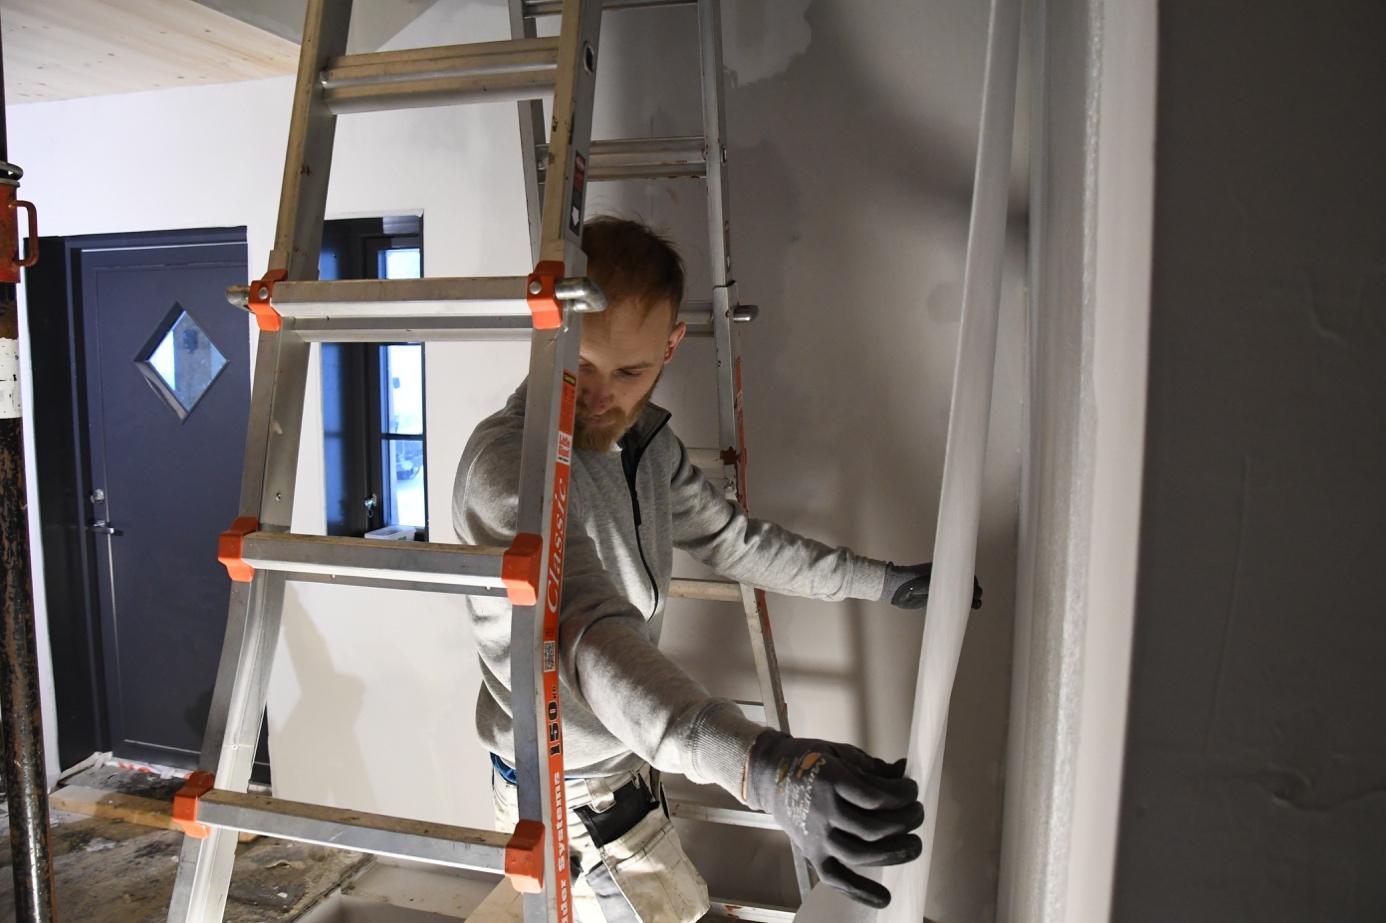 Et bilde som inneholder vegg, innendørs, person  Automatisk generert beskrivelse